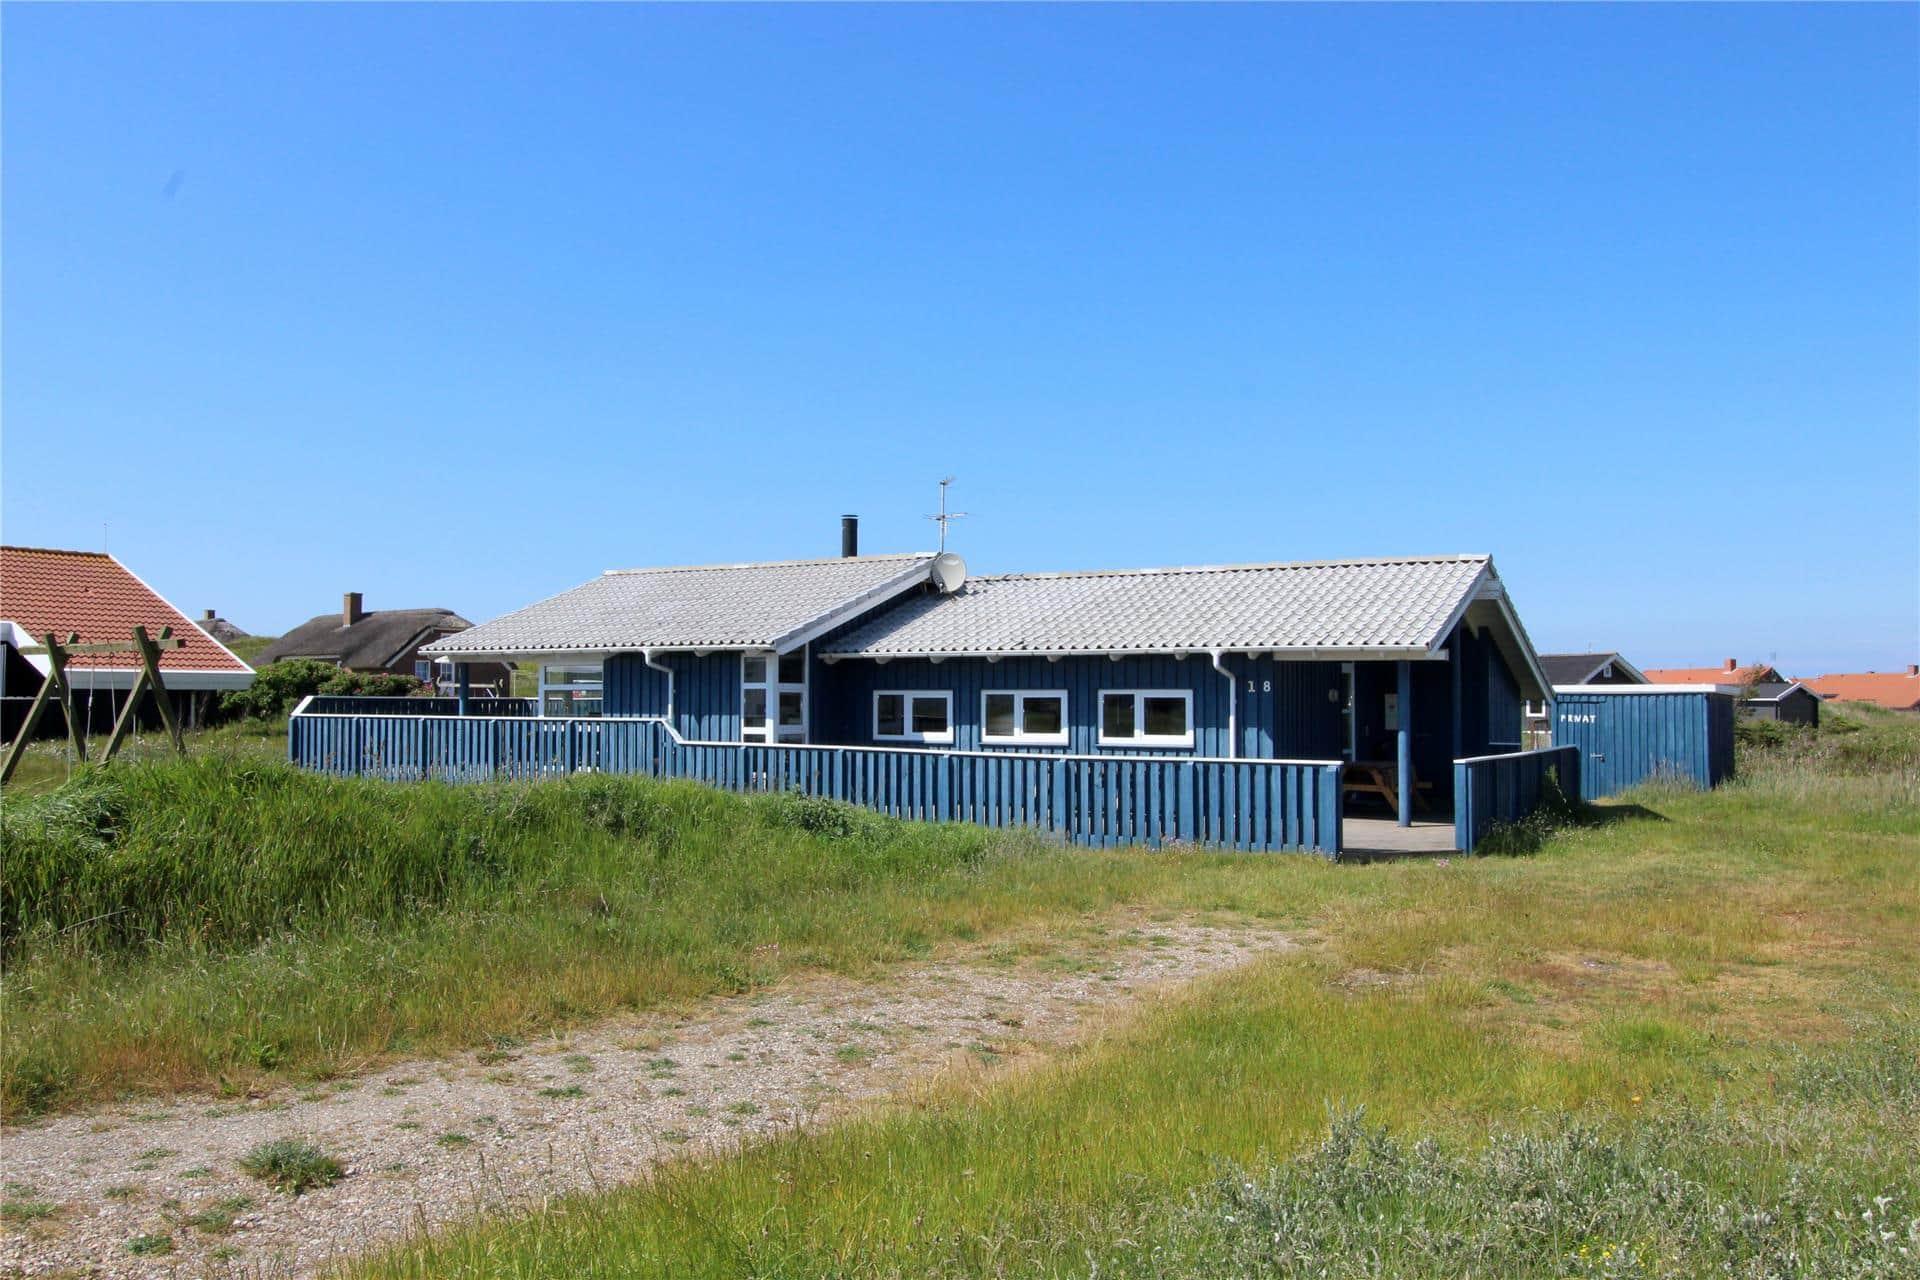 Billede 1-20 Sommerhus 169, Victoriavej 18, DK - 7673 Harboøre